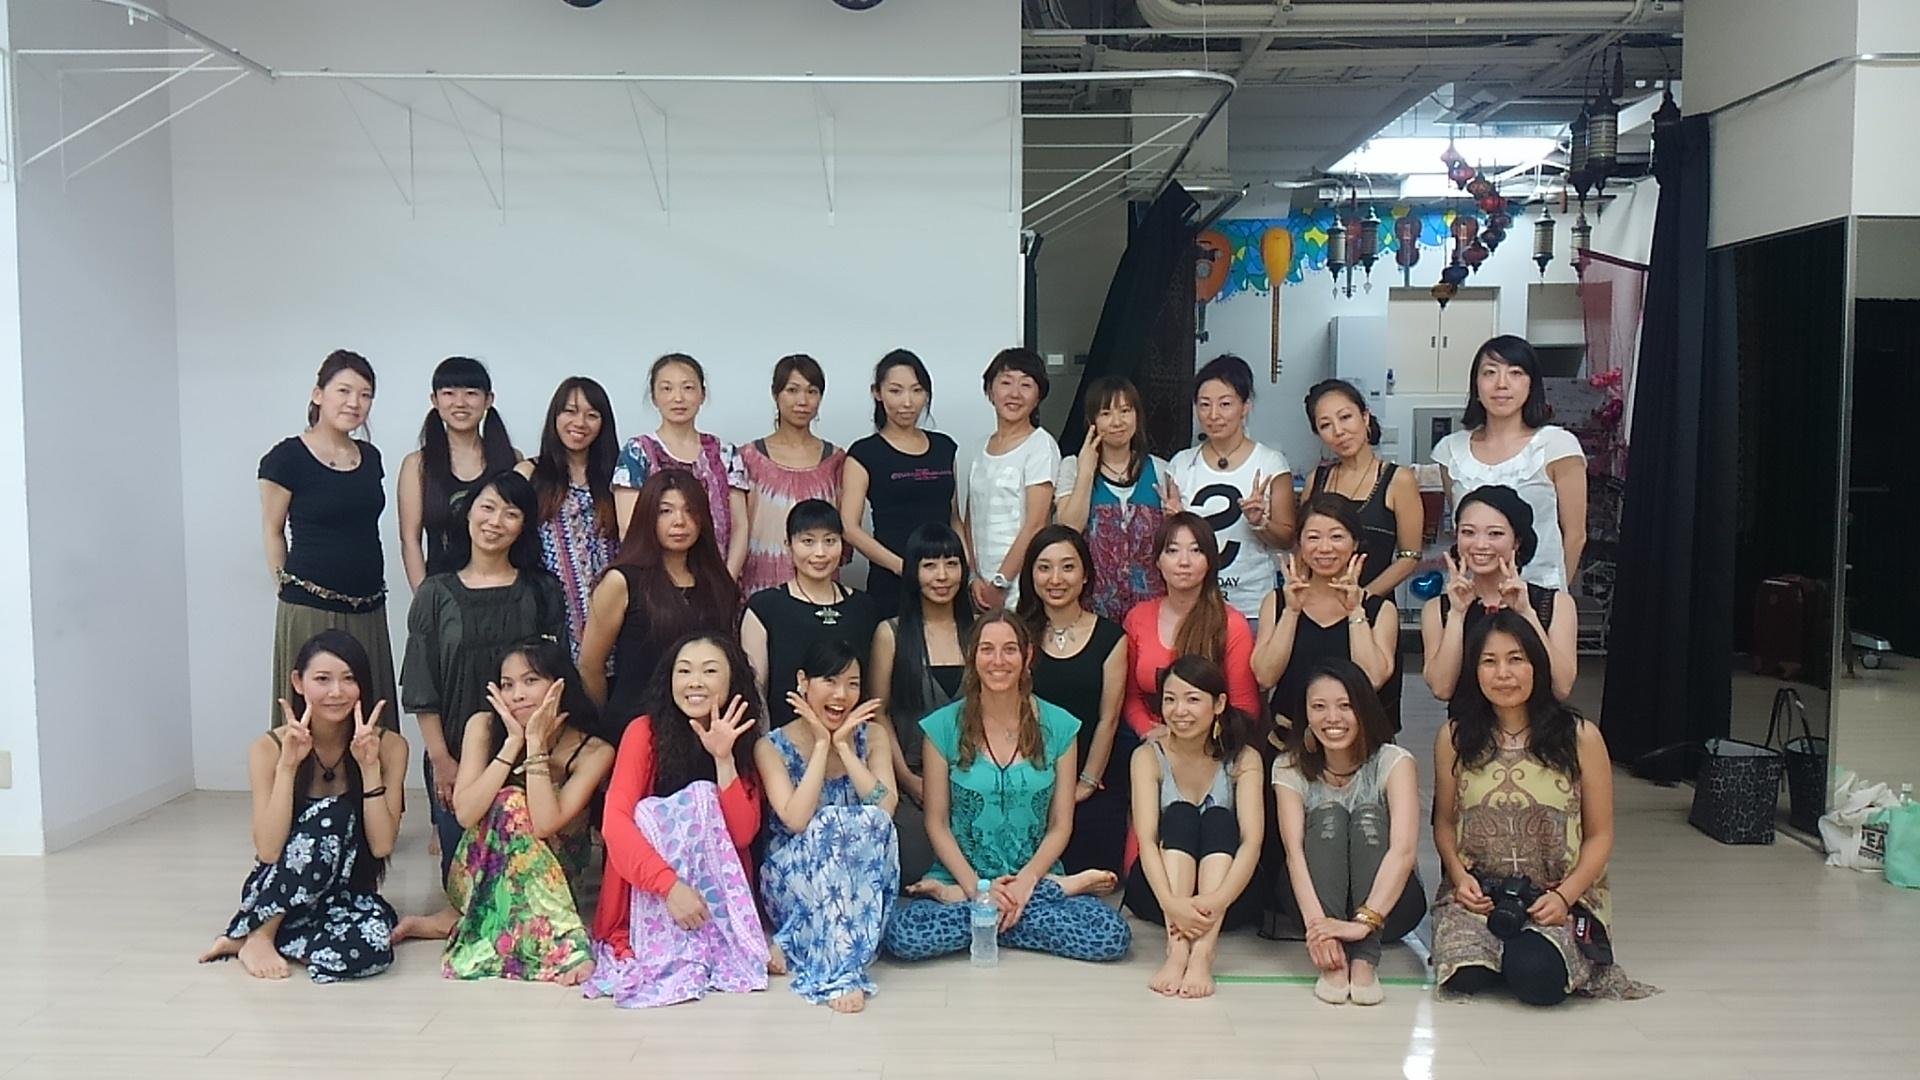 Rhythm for dancers workshop in Osaka, 2015